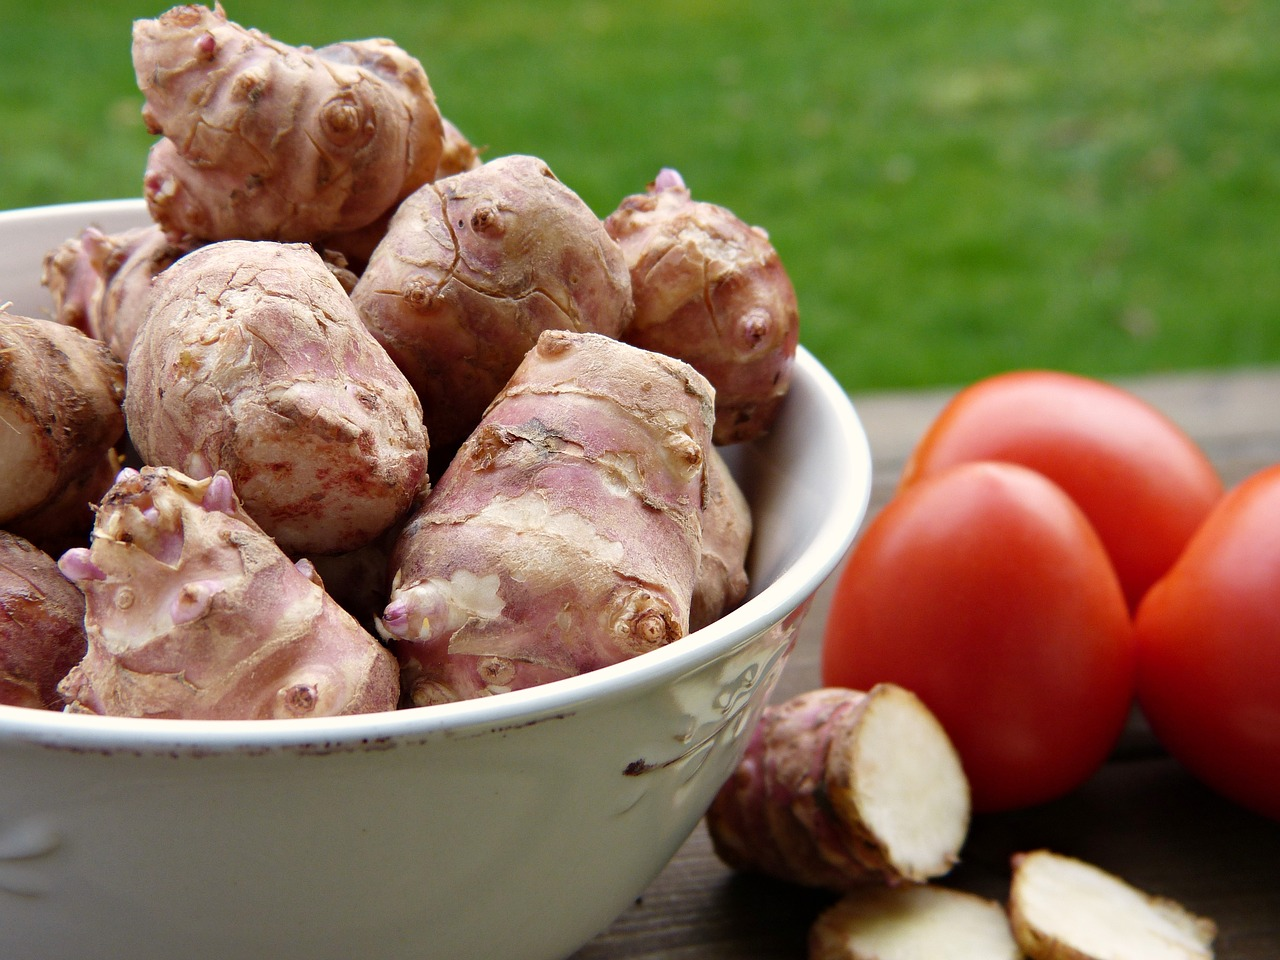 菊芋を栽培して収穫する方法!プランターの肥料や種芋など注意点まとめ!